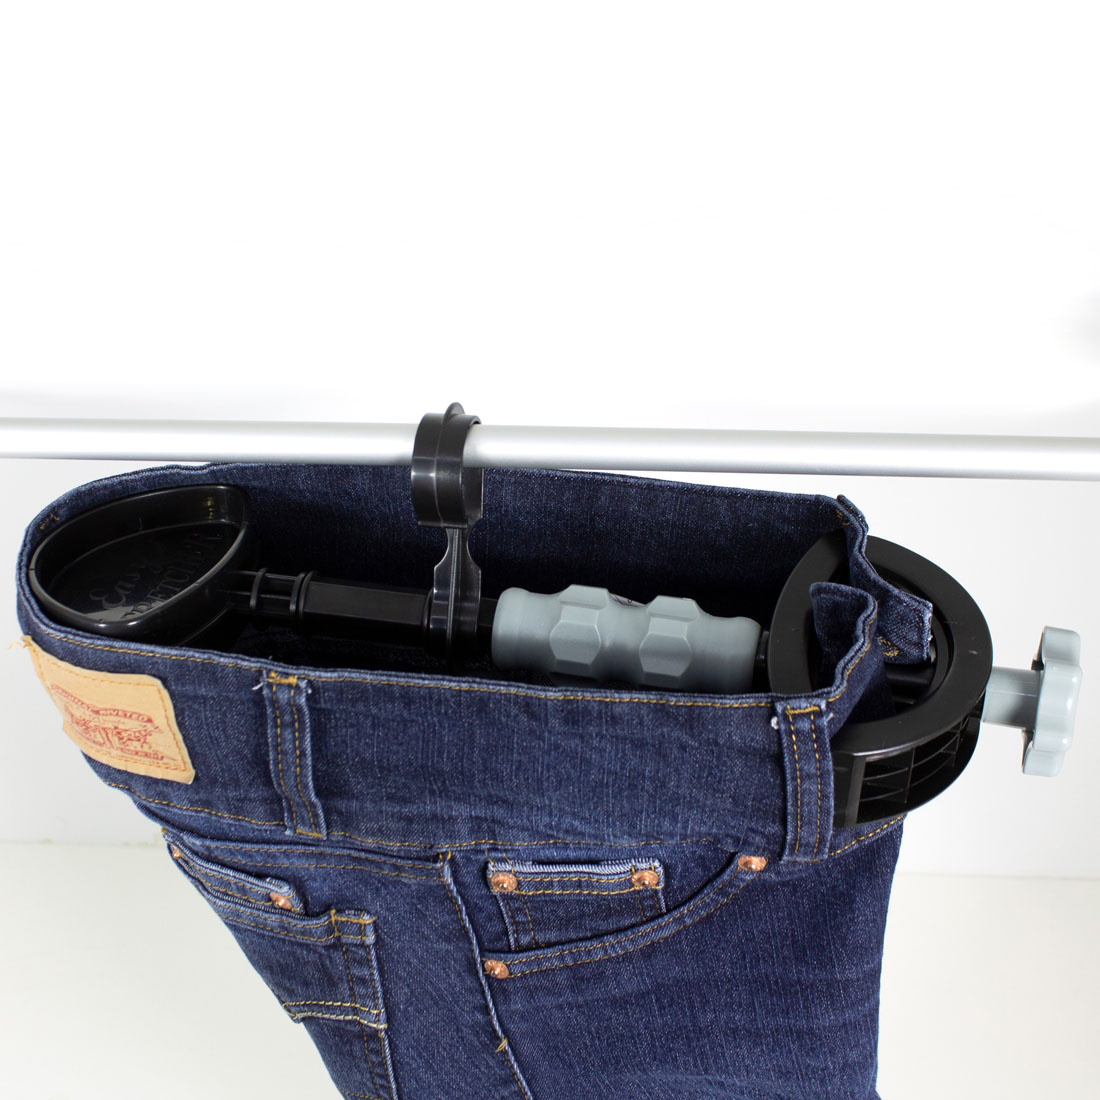 Растяжитель для пояса брюк или юбки [06675]